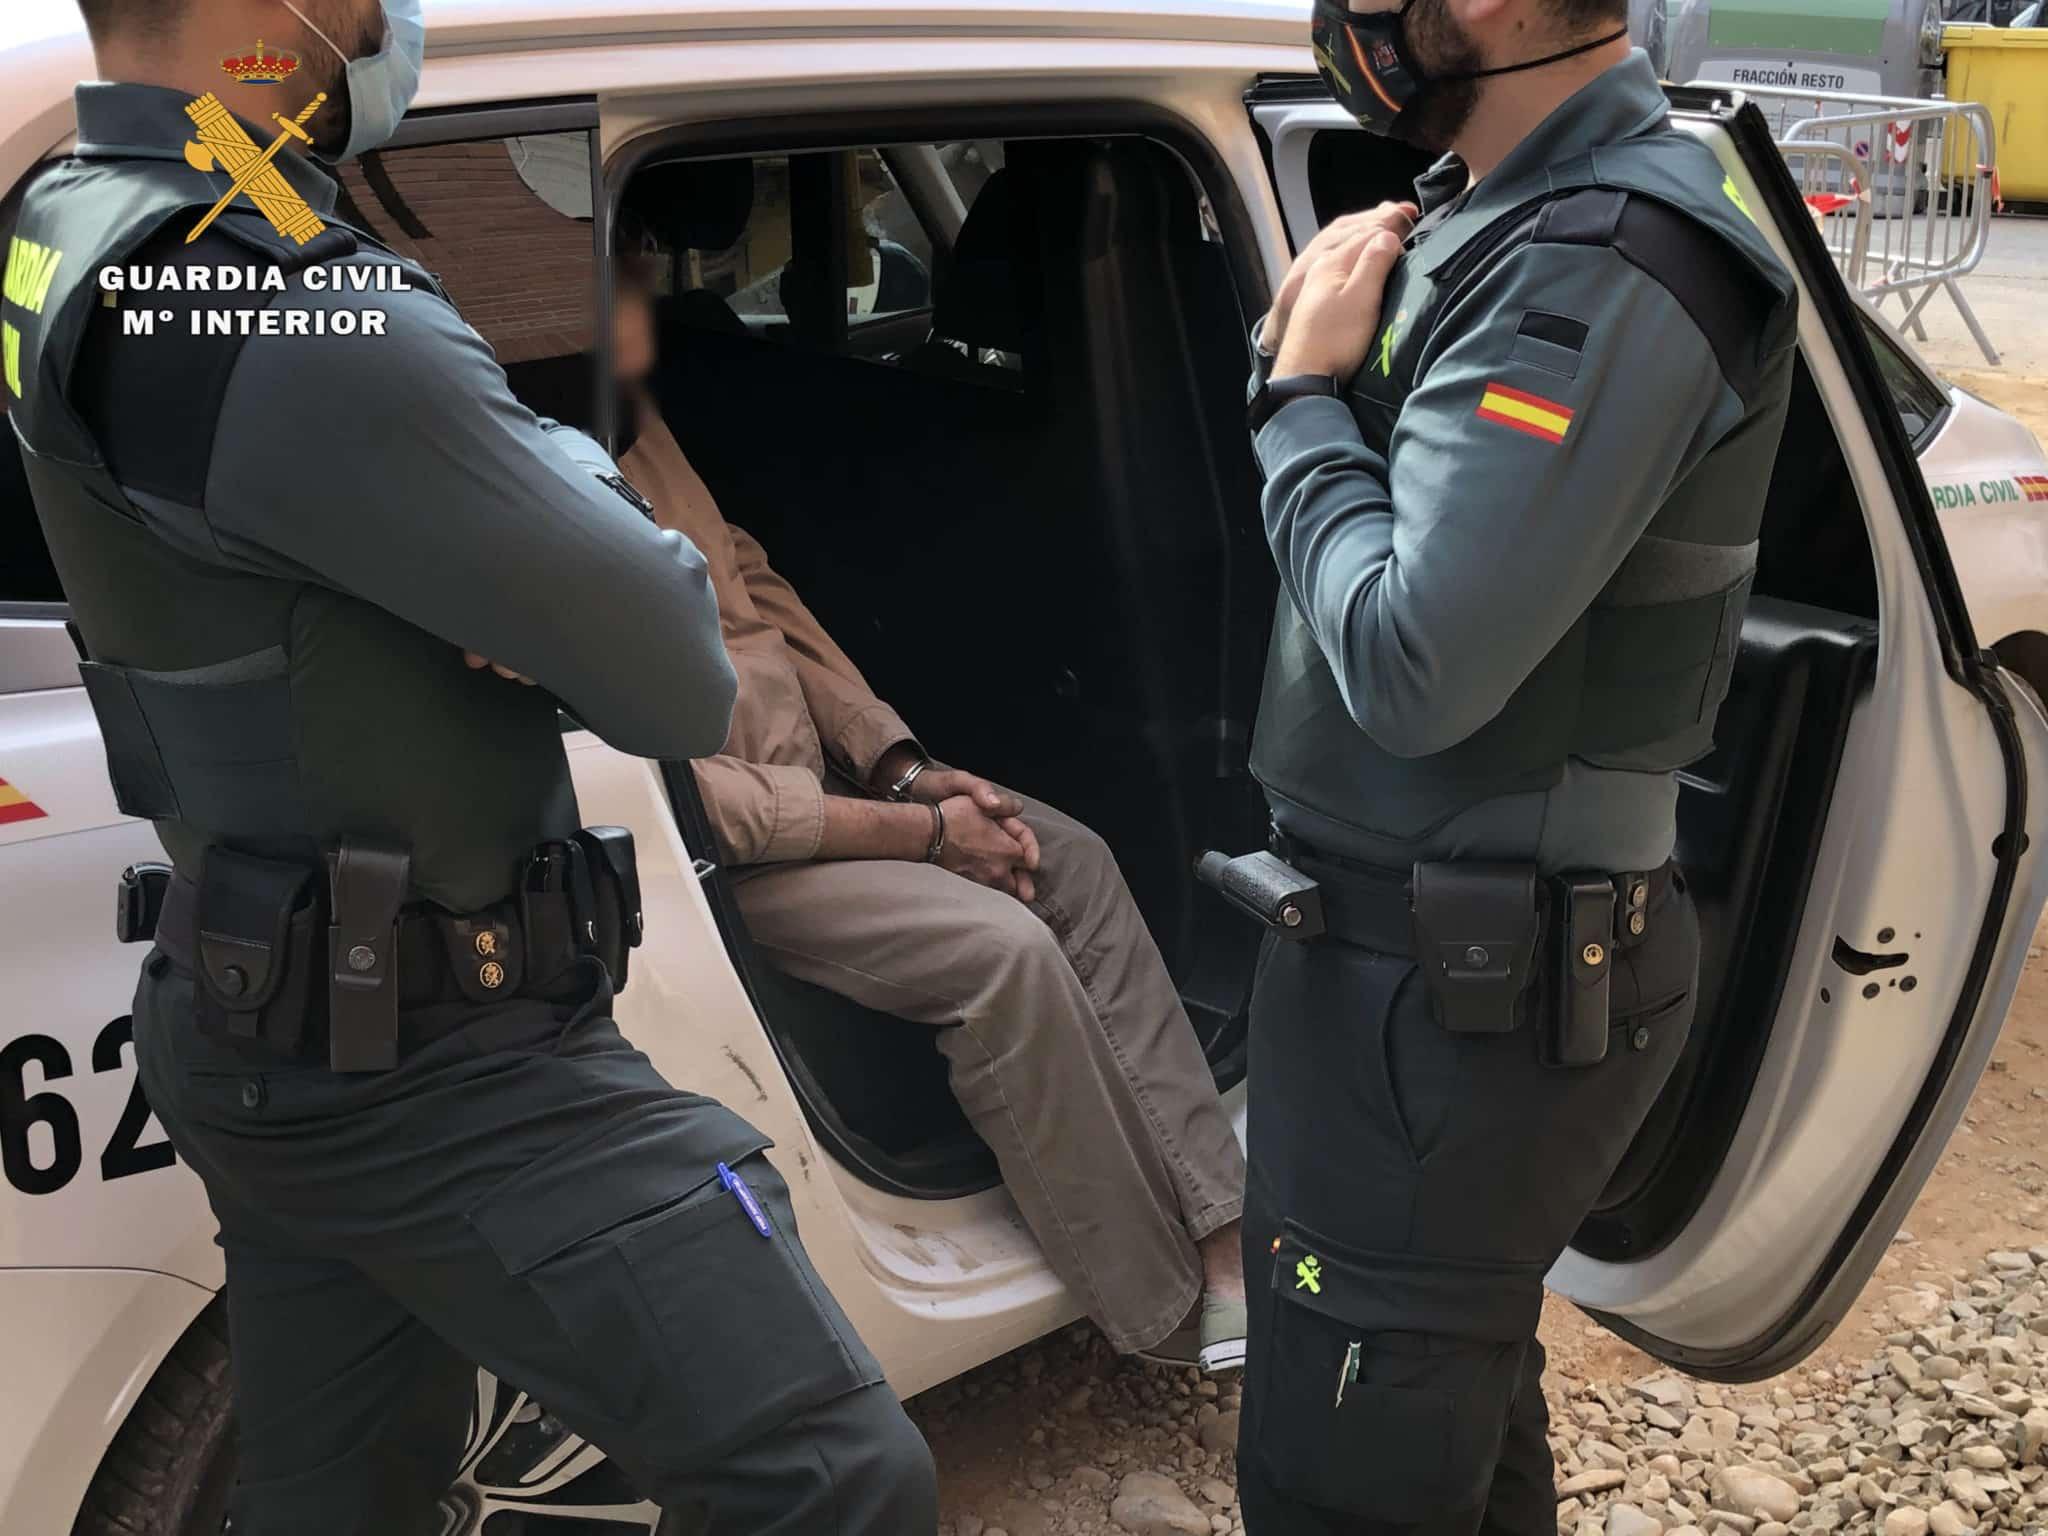 Nuevo golpe al tráfico de cocaína y 'speed' en Calahorra 2